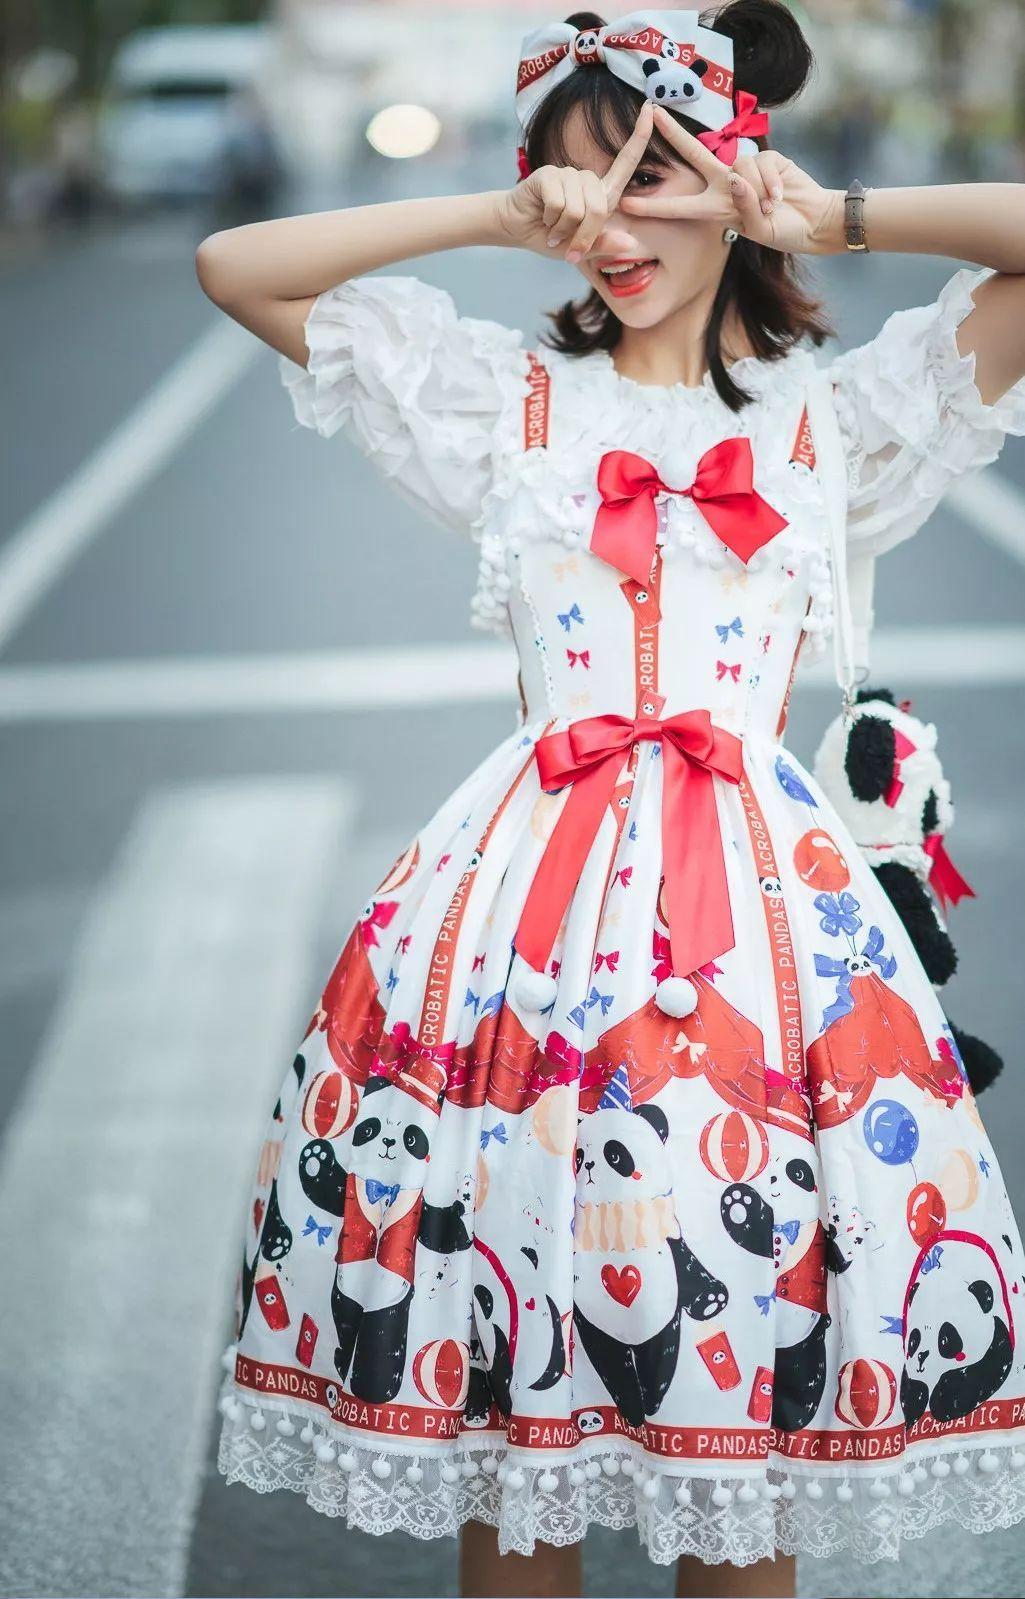 妹子摄影 – 鬼马精灵Lolita女孩@-谢安然-外出旅拍_图片 No.2